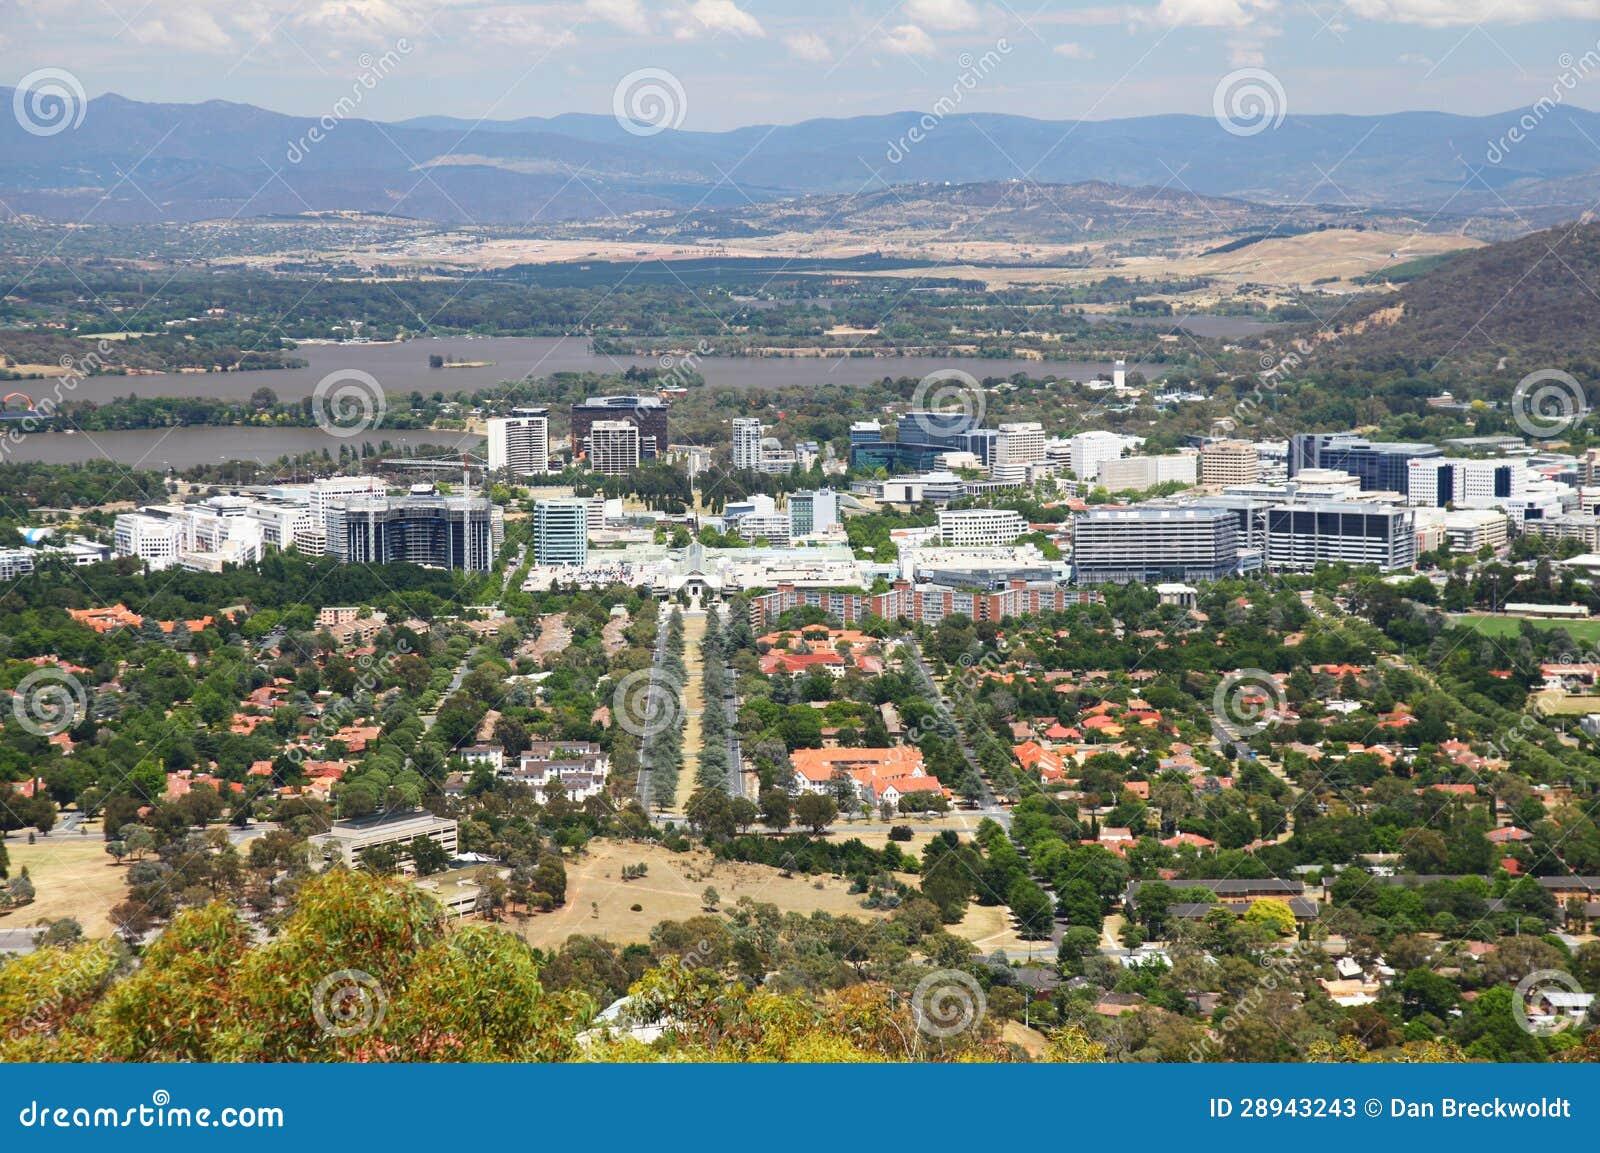 Canberra in Australia